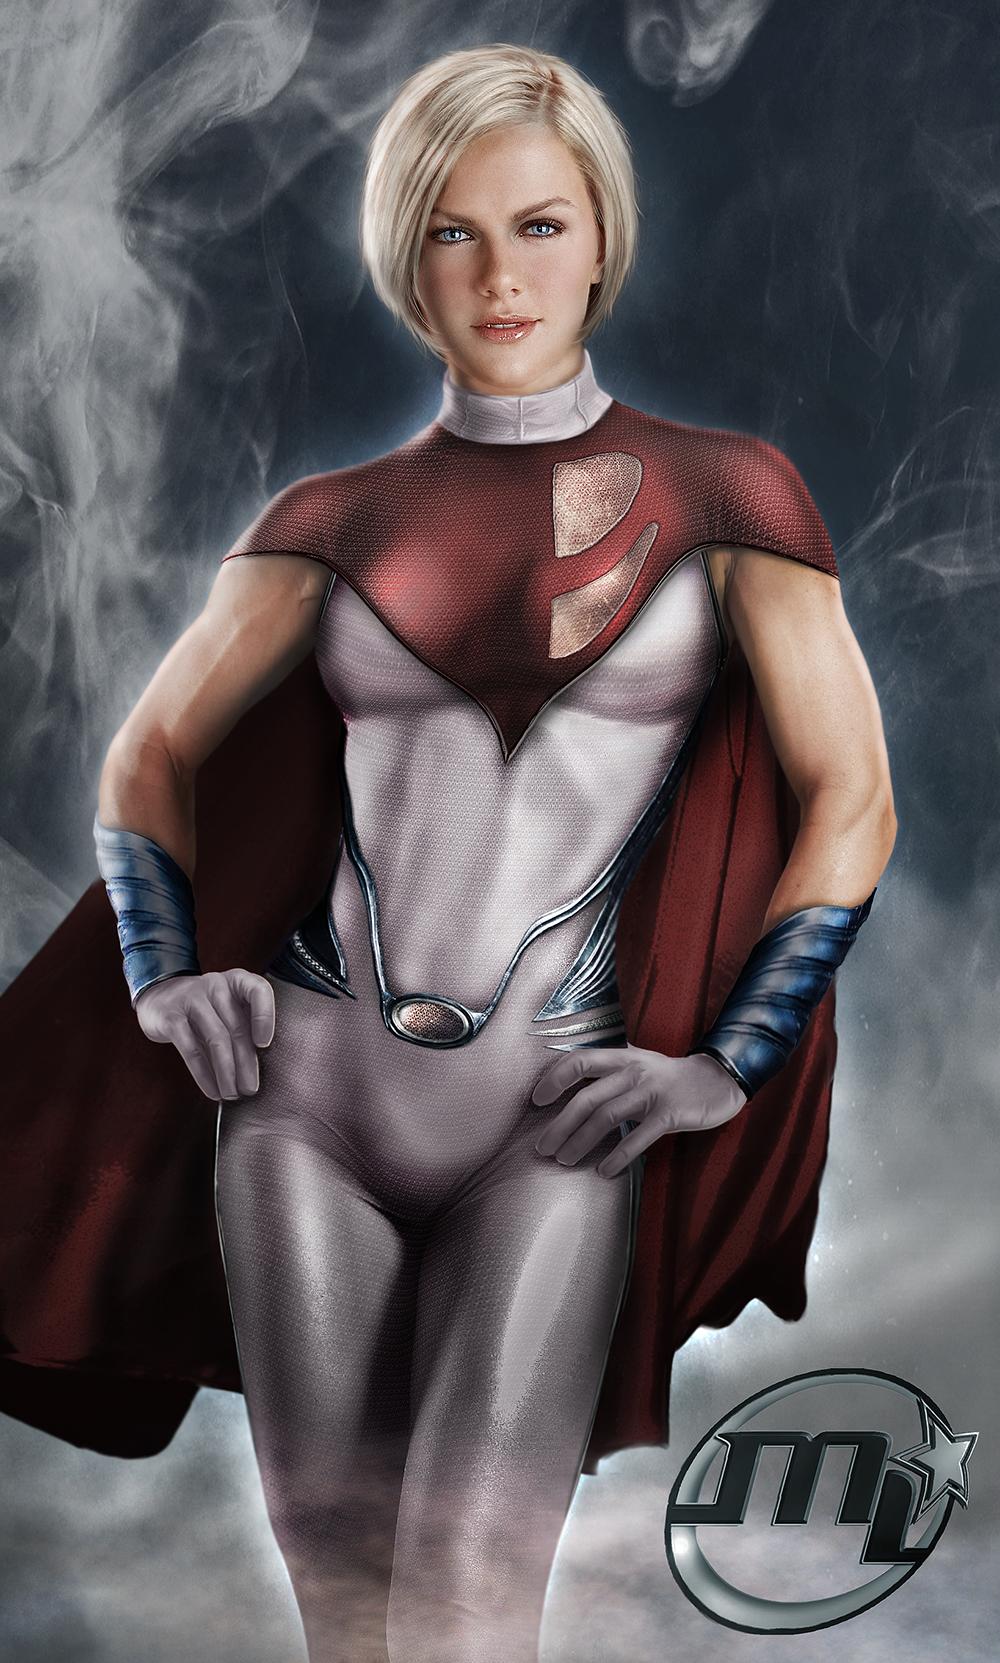 Powergirl From DC by Maryneim